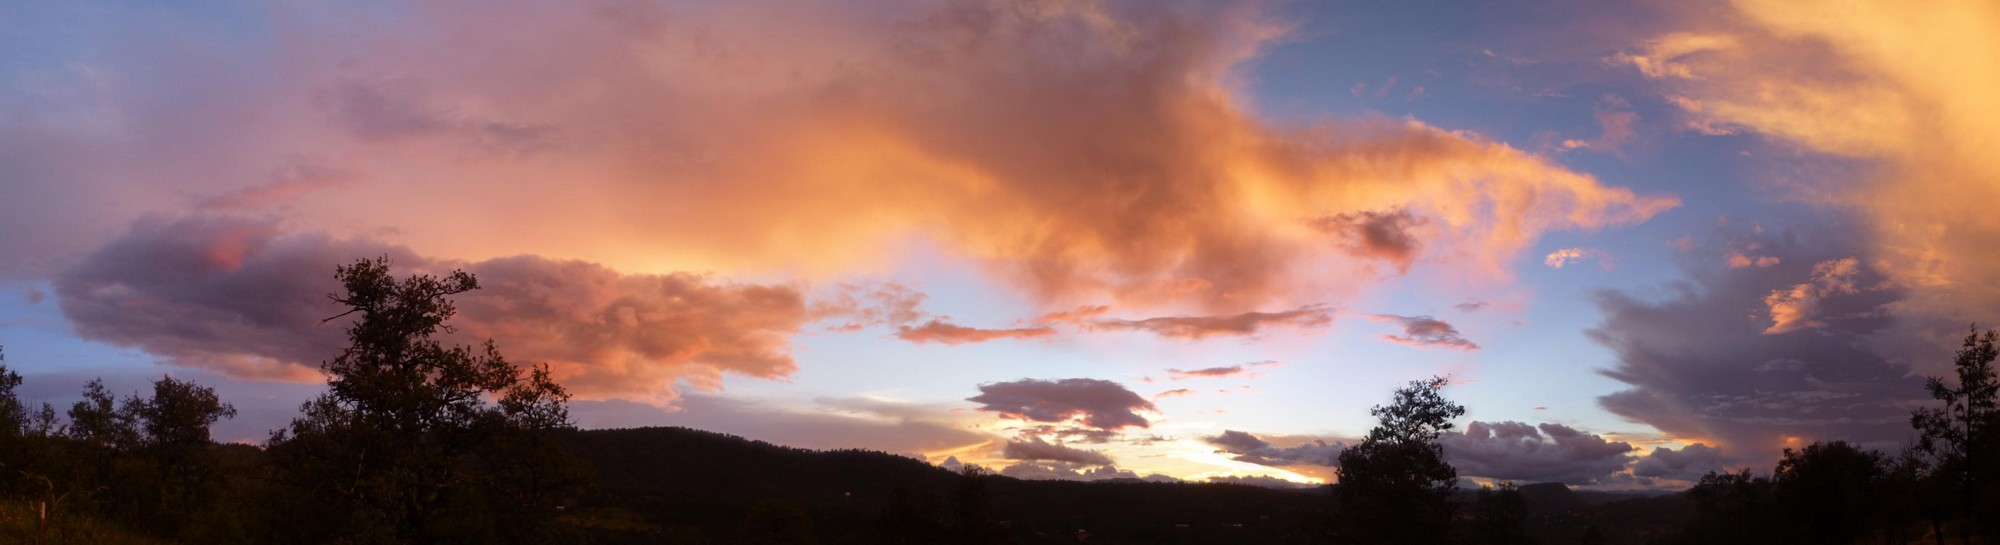 coucher-de-soleil-el-divisadero